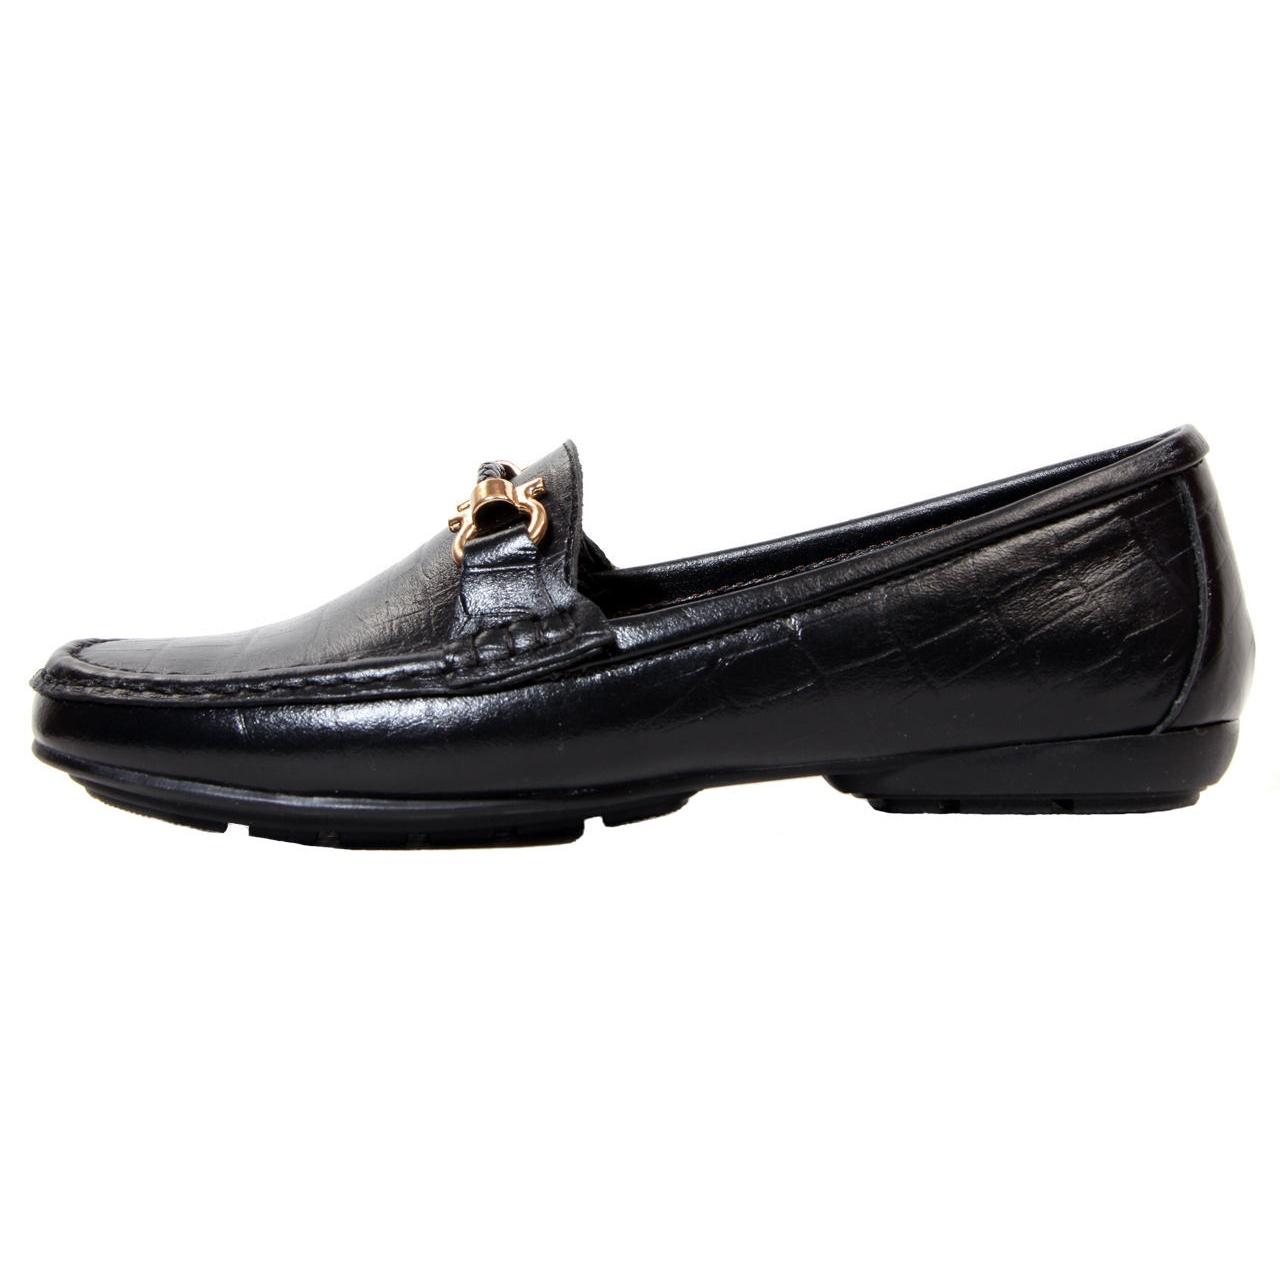 کفش زنانه چرم مدل FR01 طرح فراگامو                     غیر اصل